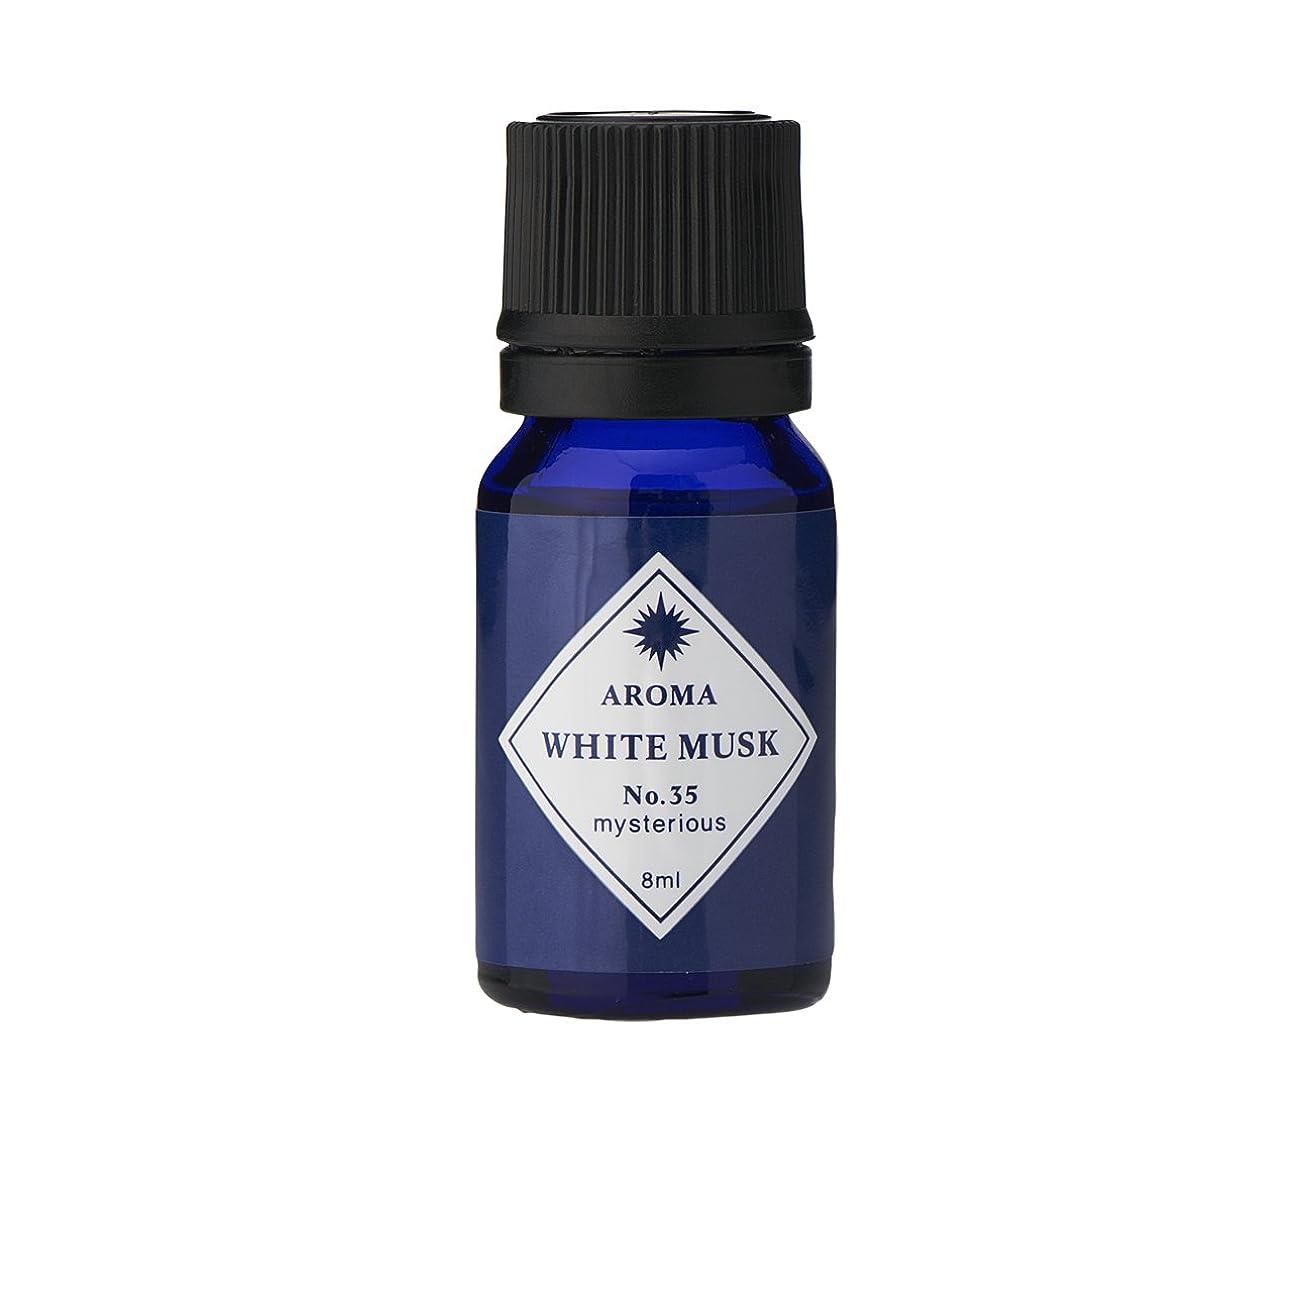 反発する経過はちみつブルーラベル アロマエッセンス8ml ホワイトムスク(アロマオイル 調合香料 芳香用 魅惑的で洗練された万人に好まれる香り)